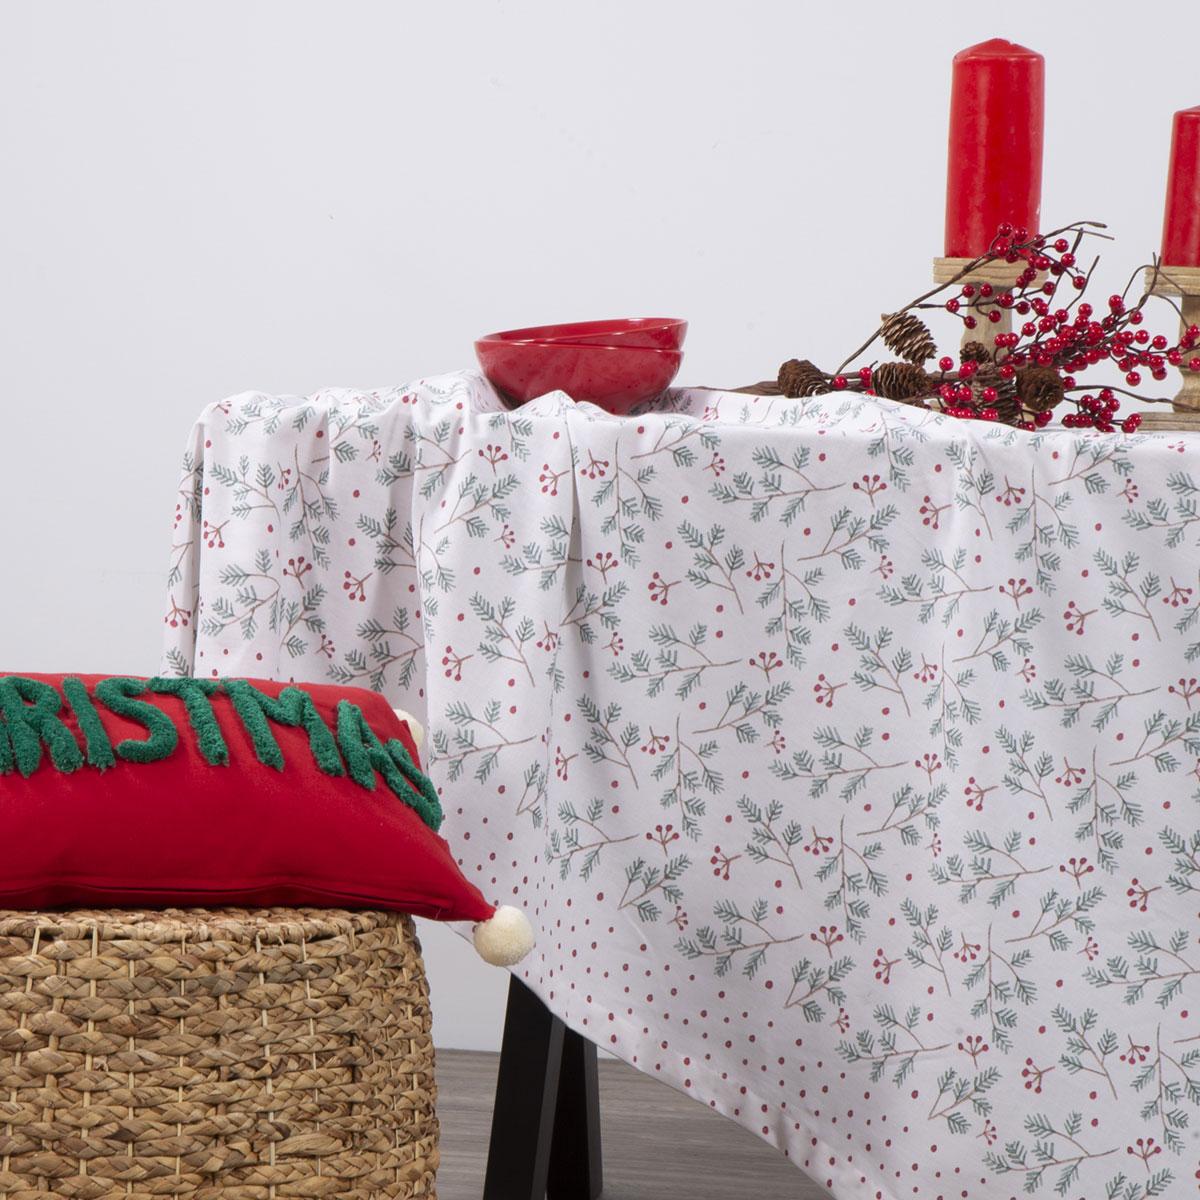 Χριστουγεννιάτικο Τραπεζομάντηλο (140×140) Nef-Nef Smooth Christmas